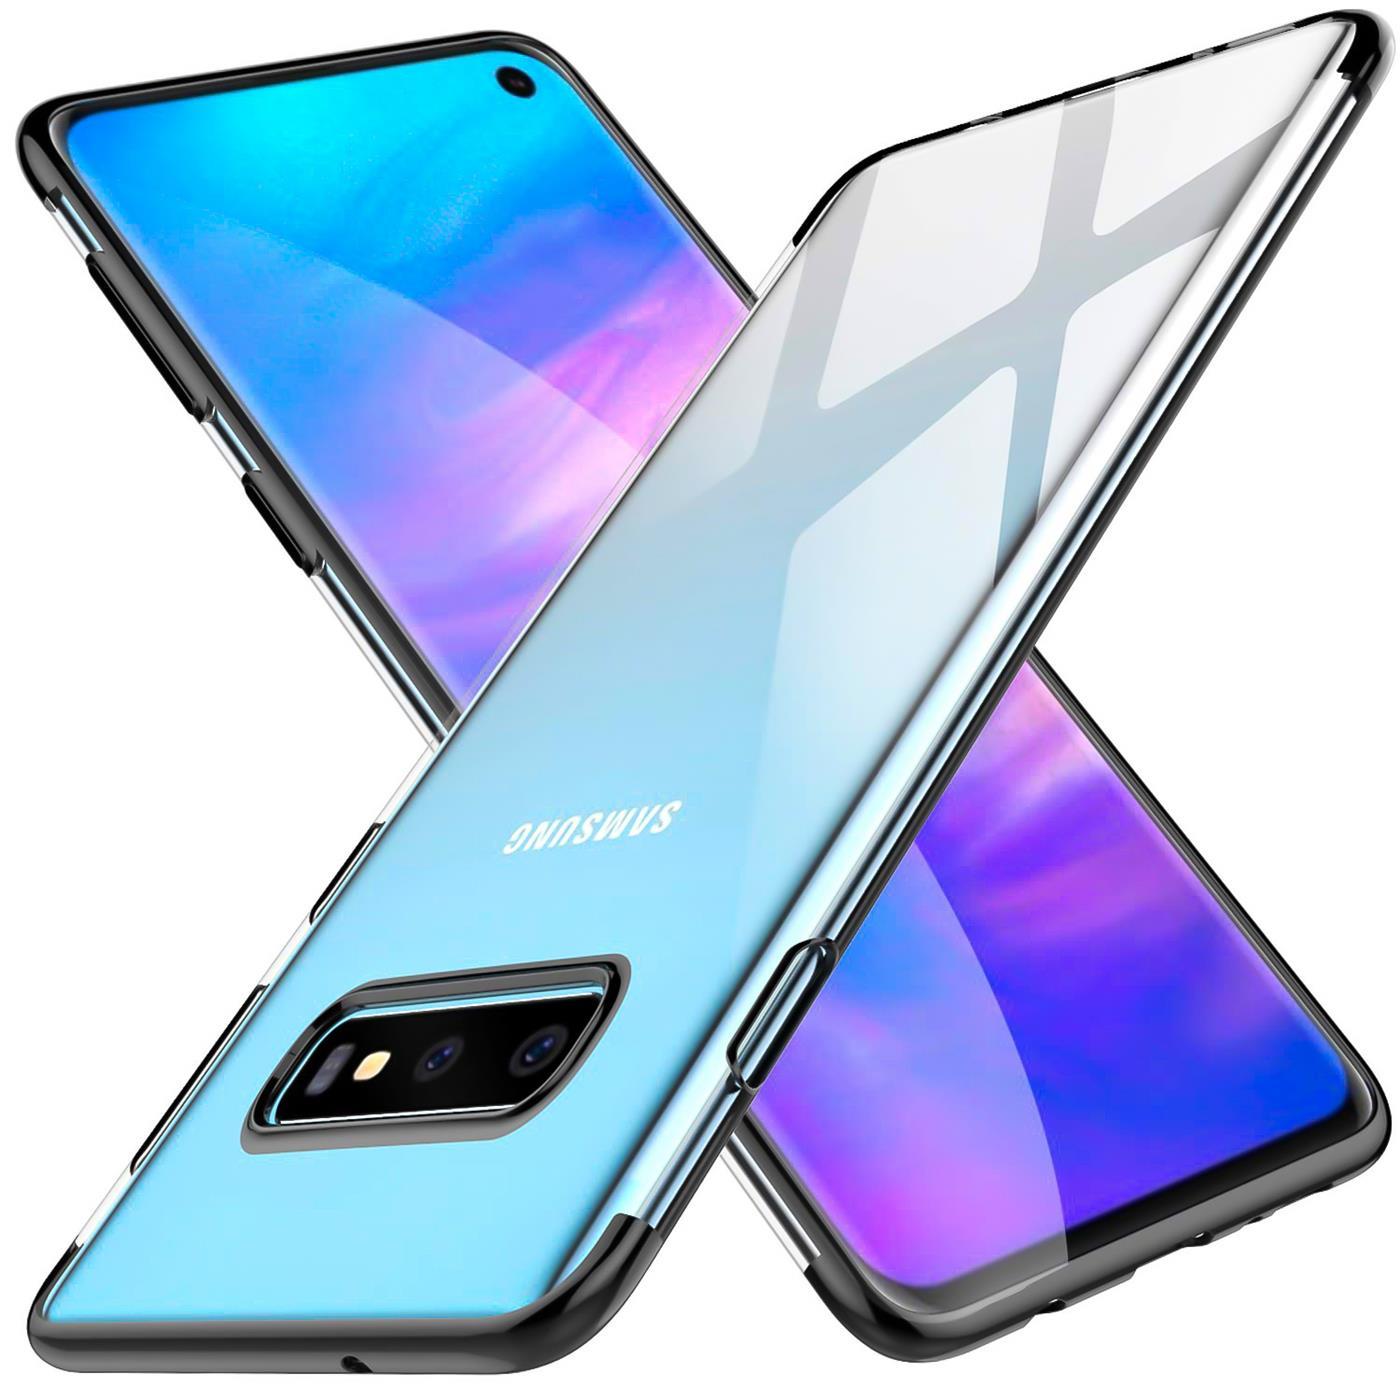 Samsung-Galaxy-S10-Huelle-Schutzhuelle-Handy-Tasche-Slim-Cover-Case-Transparent Indexbild 9